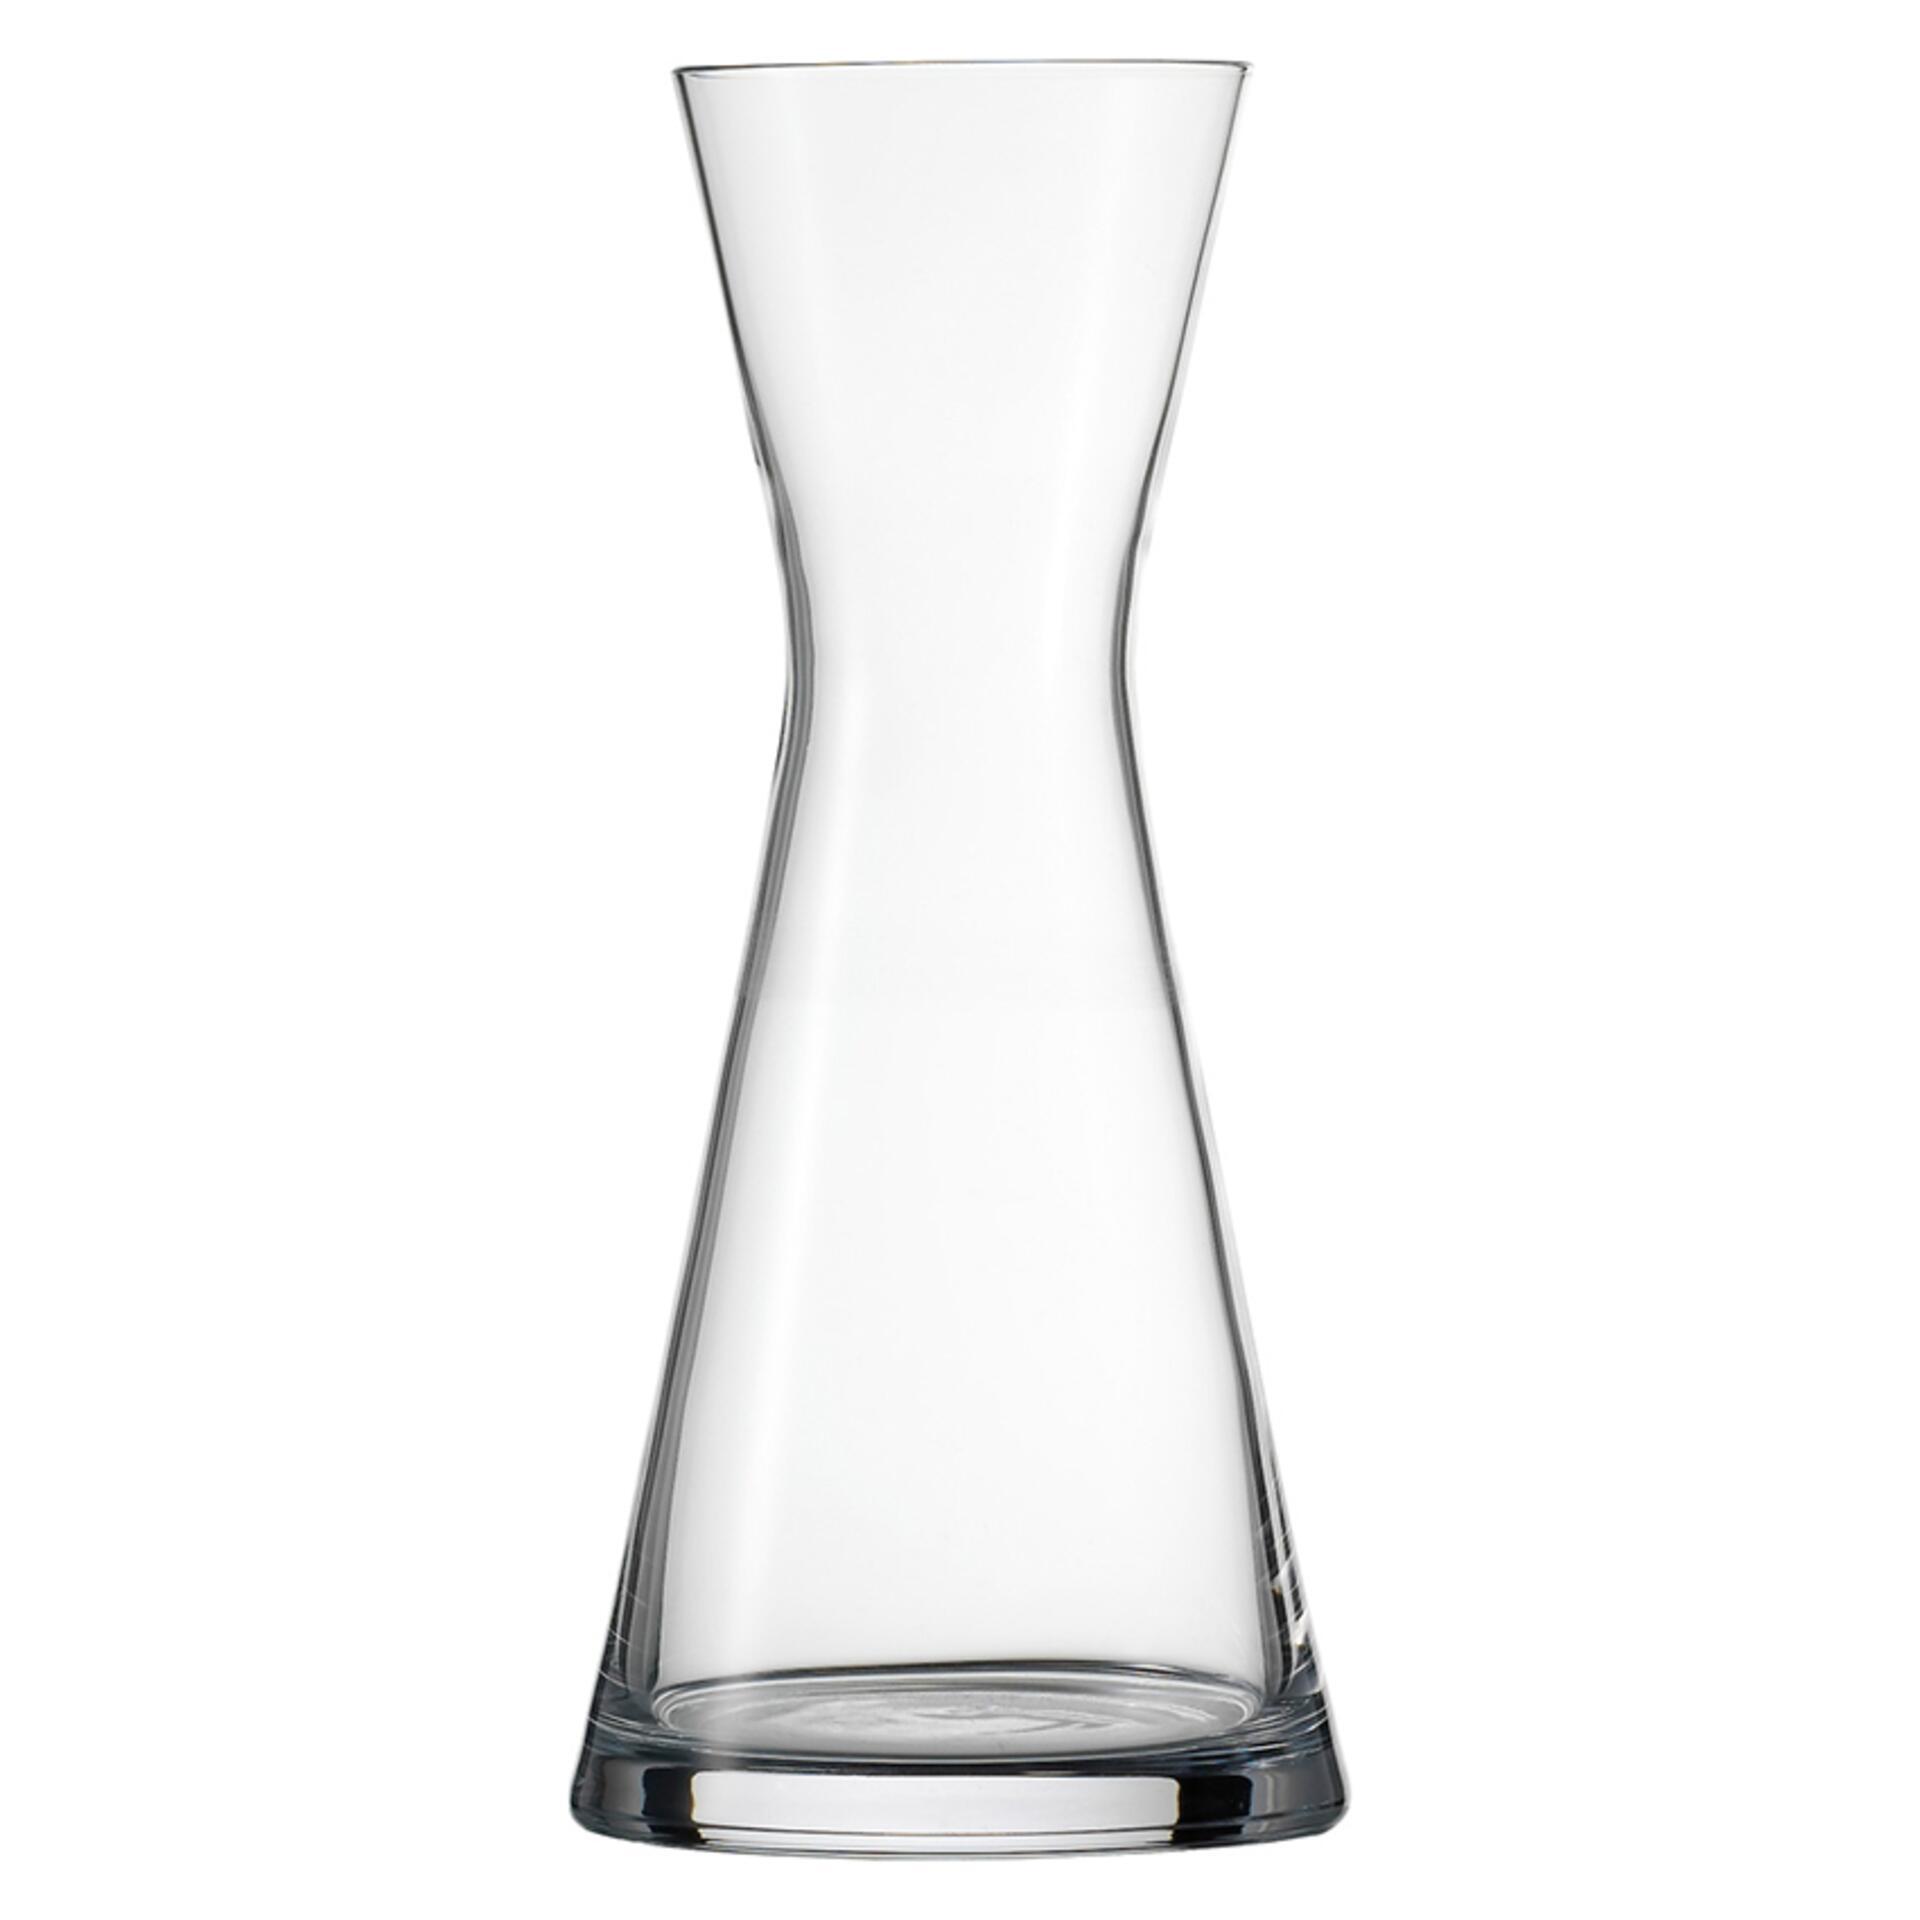 Schott Zwiesel Karaffe Pure 0,5 Liter